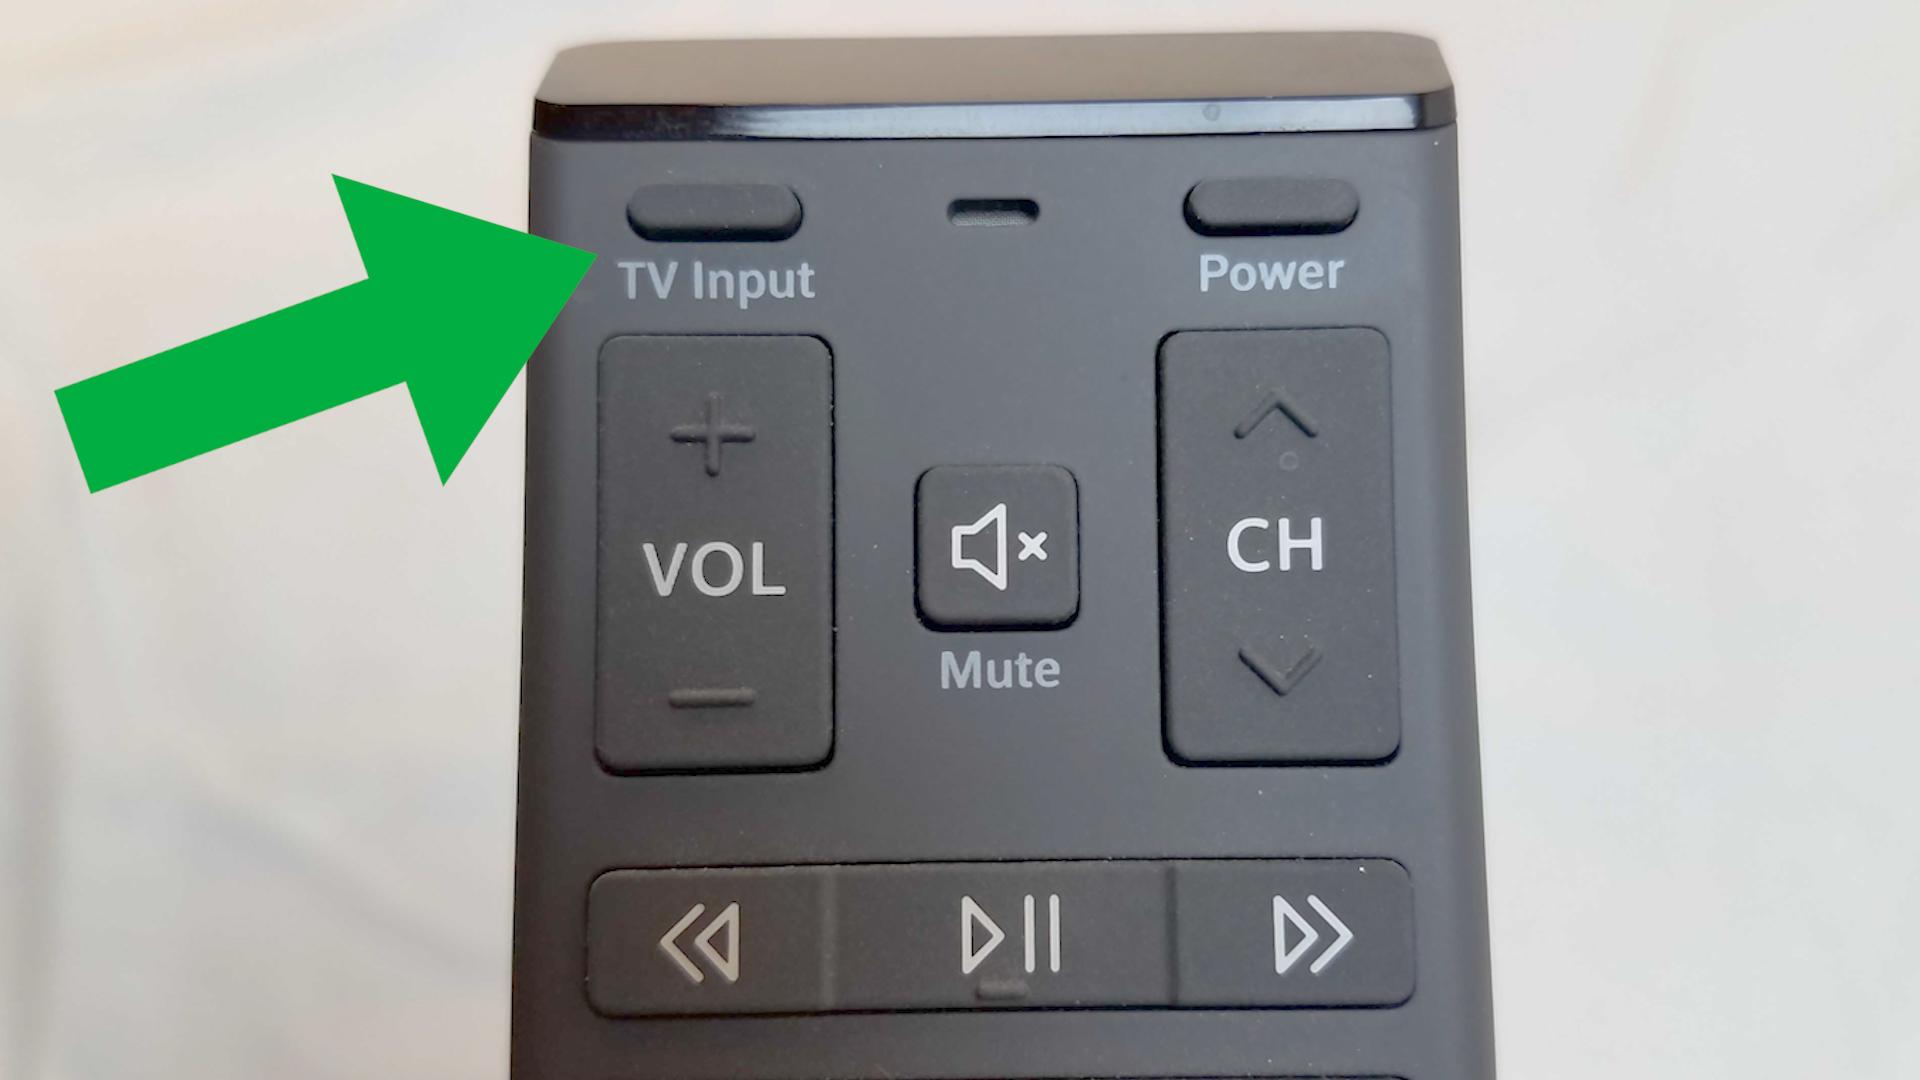 Как использовать Google Chromecast: 5-минутное руководство по установке - Кларк Ховард